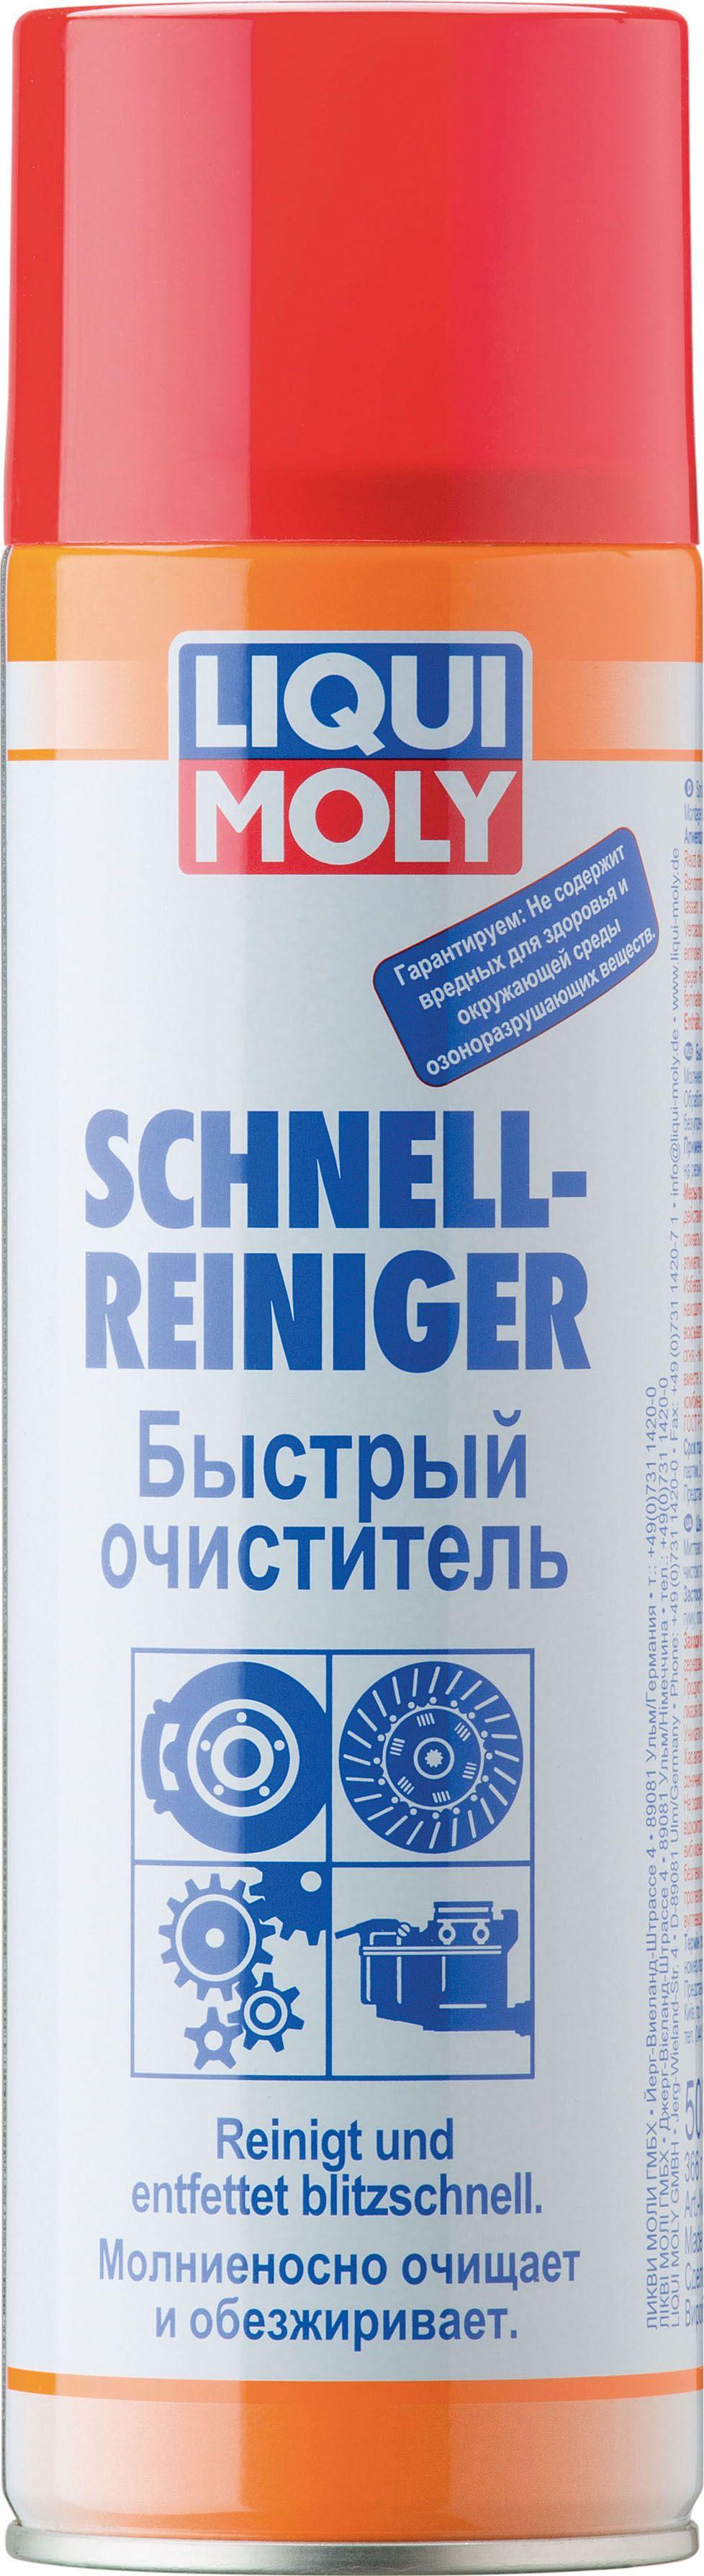 Очиститель двигателя LiquiMoly Schnel-Rein быстрый 0,5 л 1900